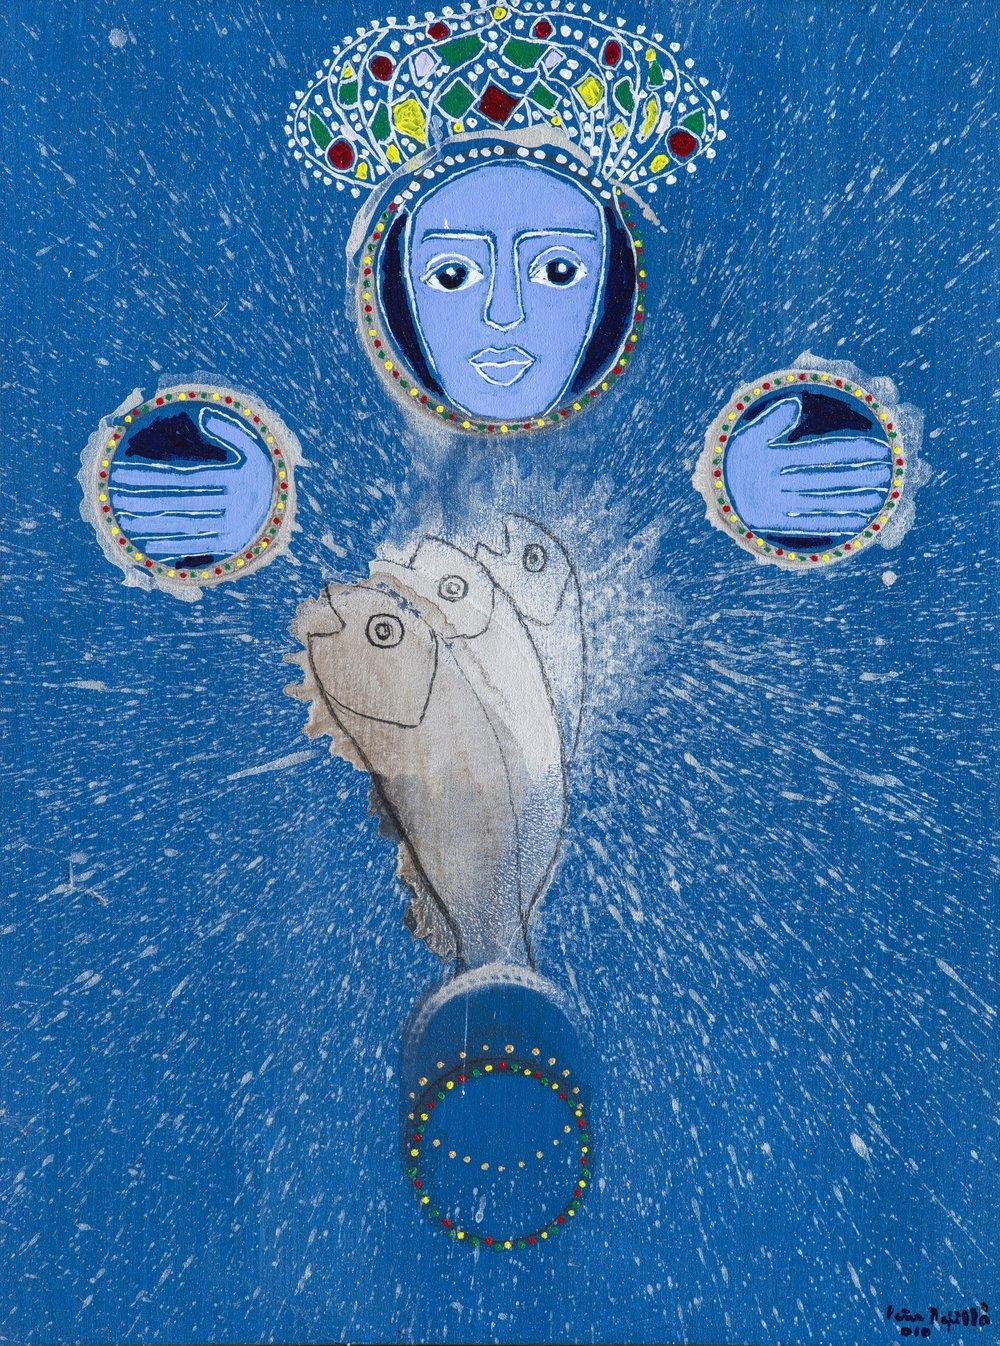 La Virgen de los peces (2010). Fernando Peña Defilló